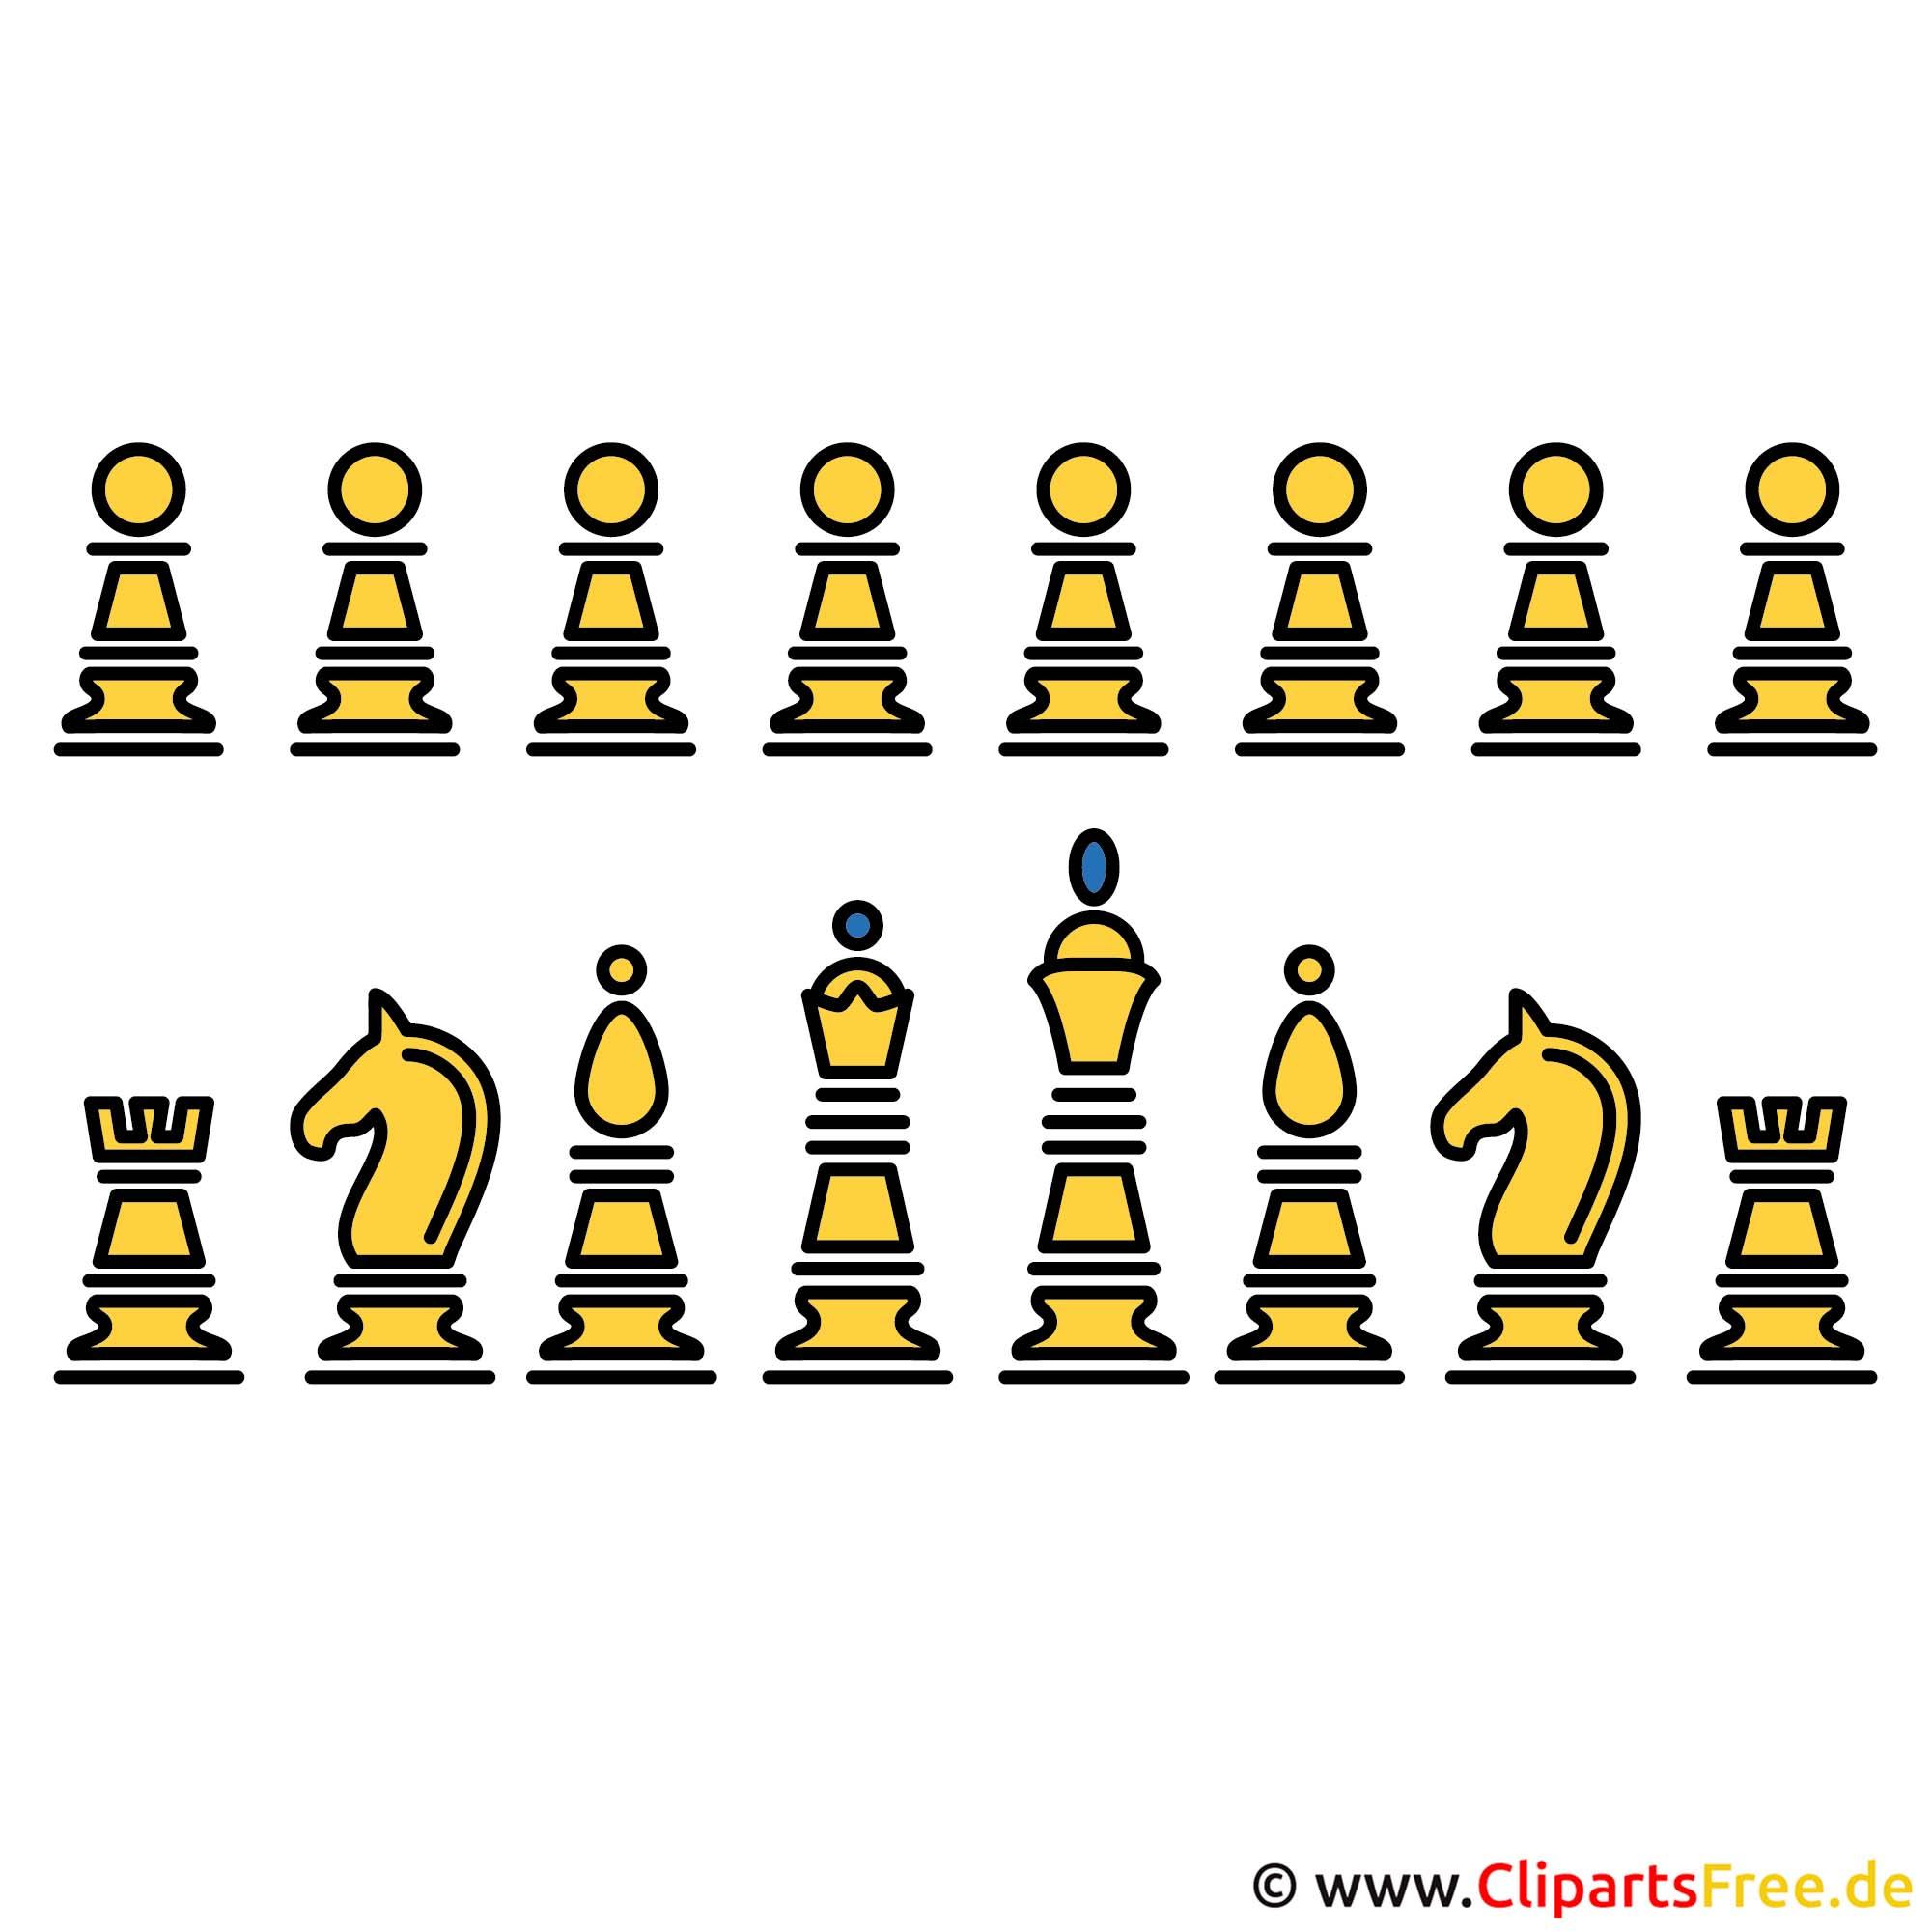 Schachfiguren Bild Clipart kostenlos